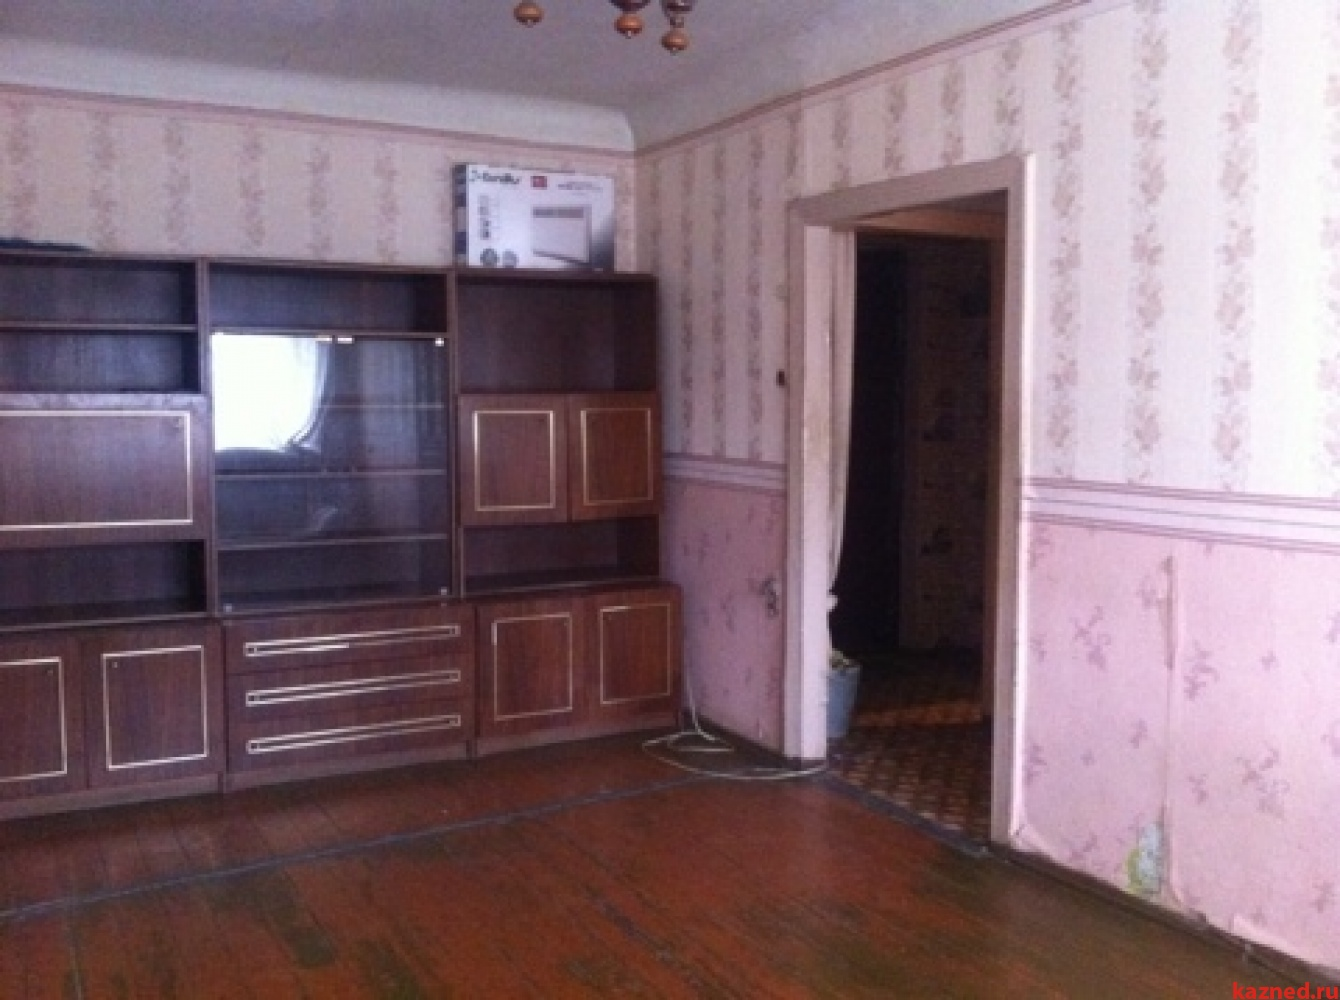 Продажа 2-к квартиры Ленинградская,32, 40 м2  (миниатюра №2)